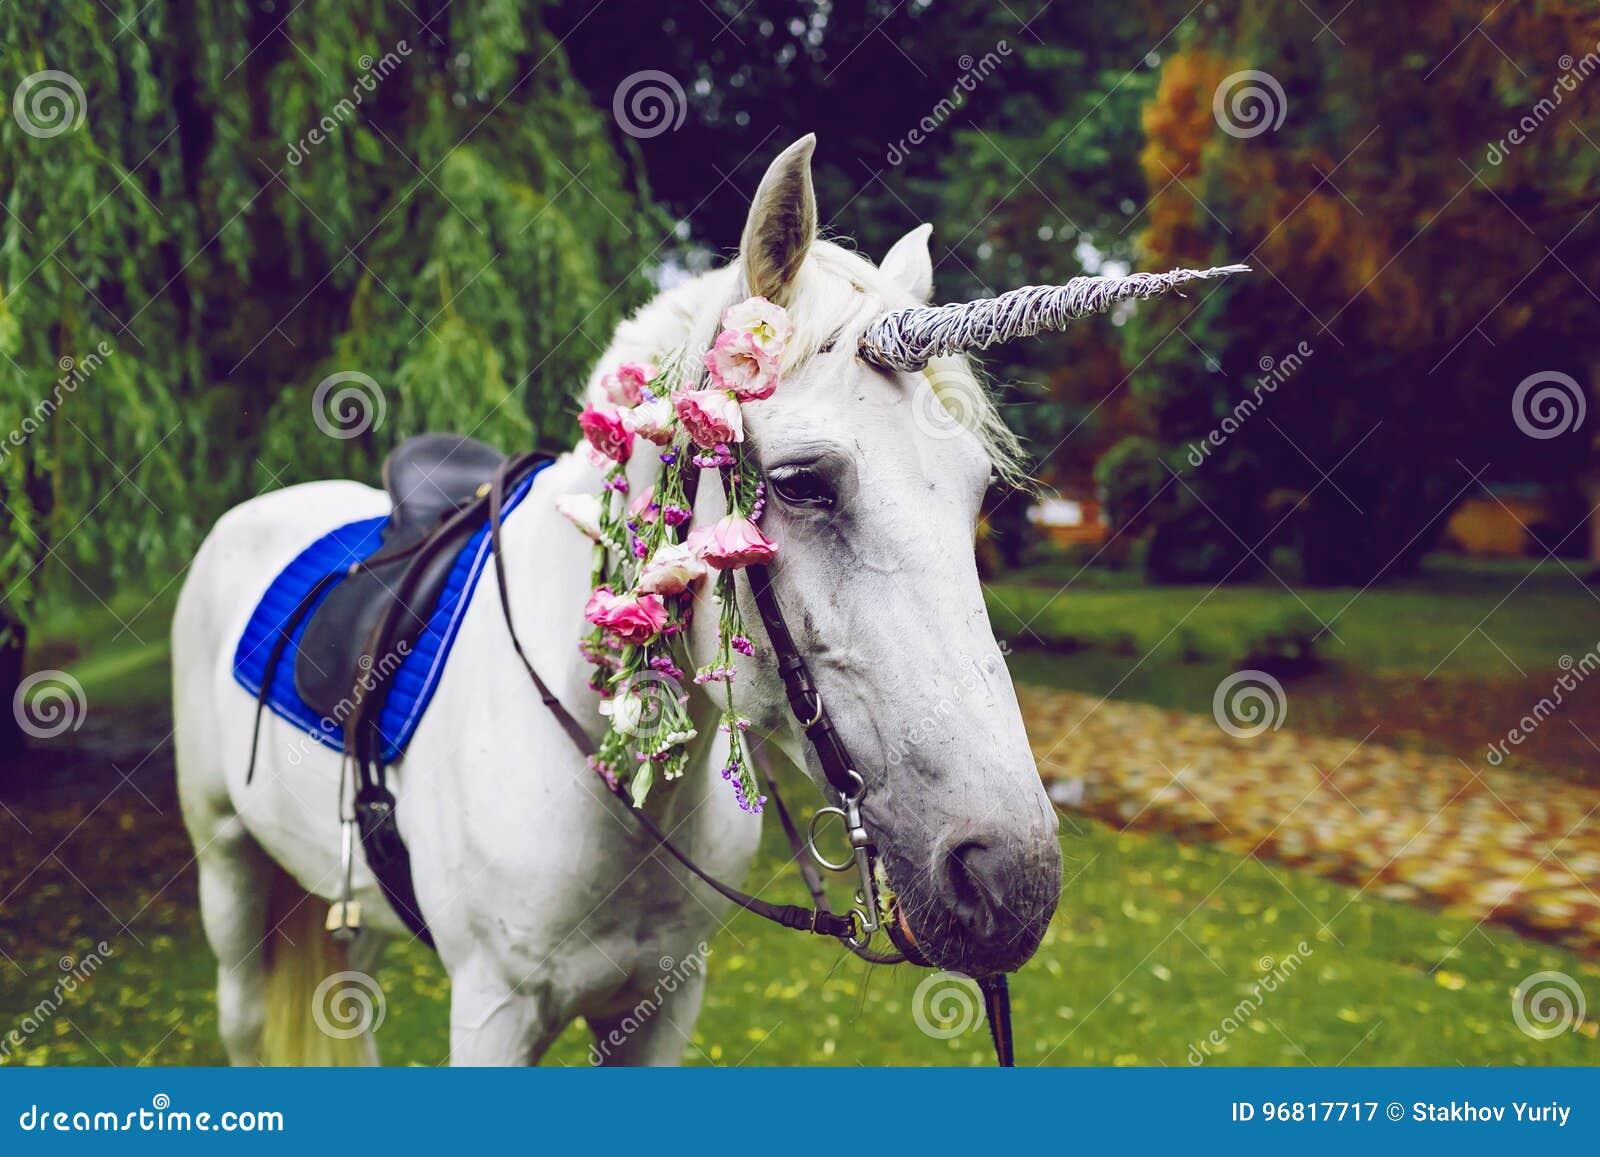 Pferd Gekleidet Als Einhorn Mit Dem Horn Ideen Für Photoshoot ...